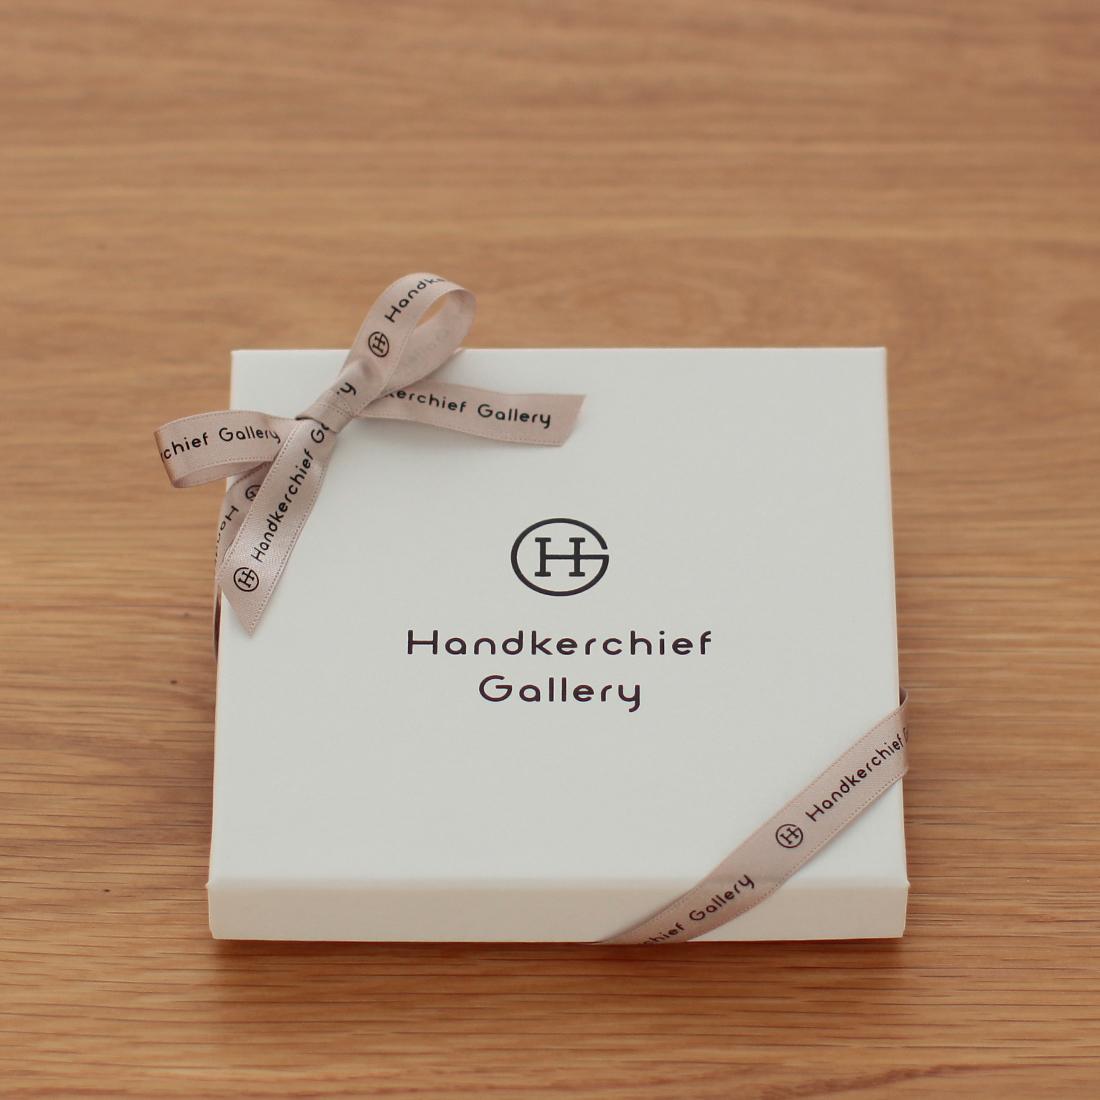 ハンカチーフギャラリー正方形ギフトBOX 送料無料カード決済可能 AL完売しました。 1枚入れ